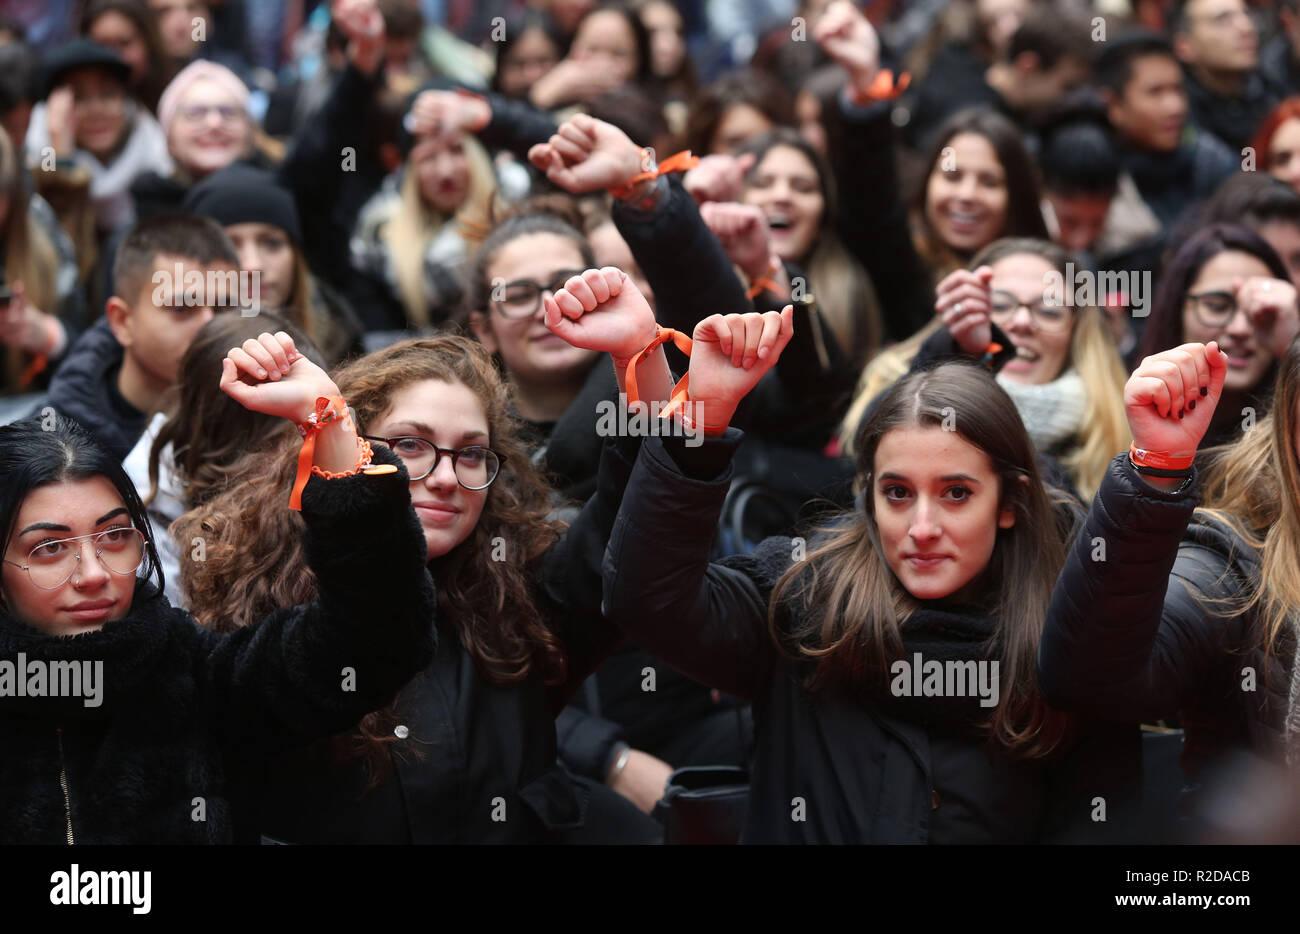 Foto LaPresse - Stefano Porta 19/11/2018 Milano ( Mi ) Cronaca Non sei da sola evento contro violenza sulle donne Palazzo Lombardia Imagen De Stock